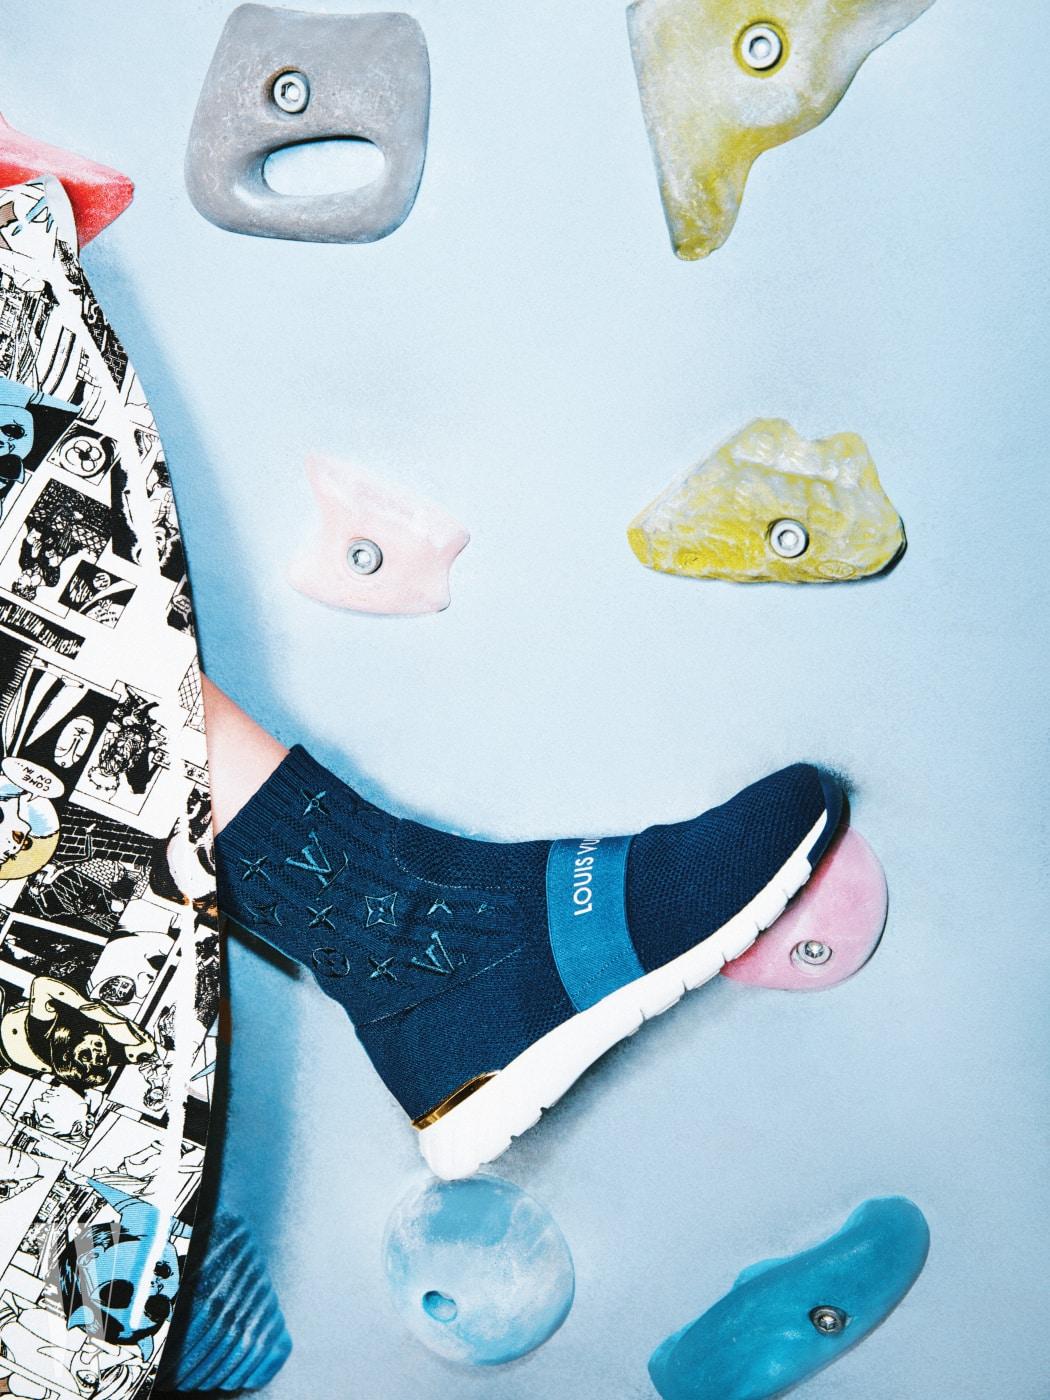 니트 소재의 로고 하이톱 스니커즈는 루이 비통 제품. 1 백20만원대. 카툰 프린트 스커트는 프라다 제품. 가격 미정.